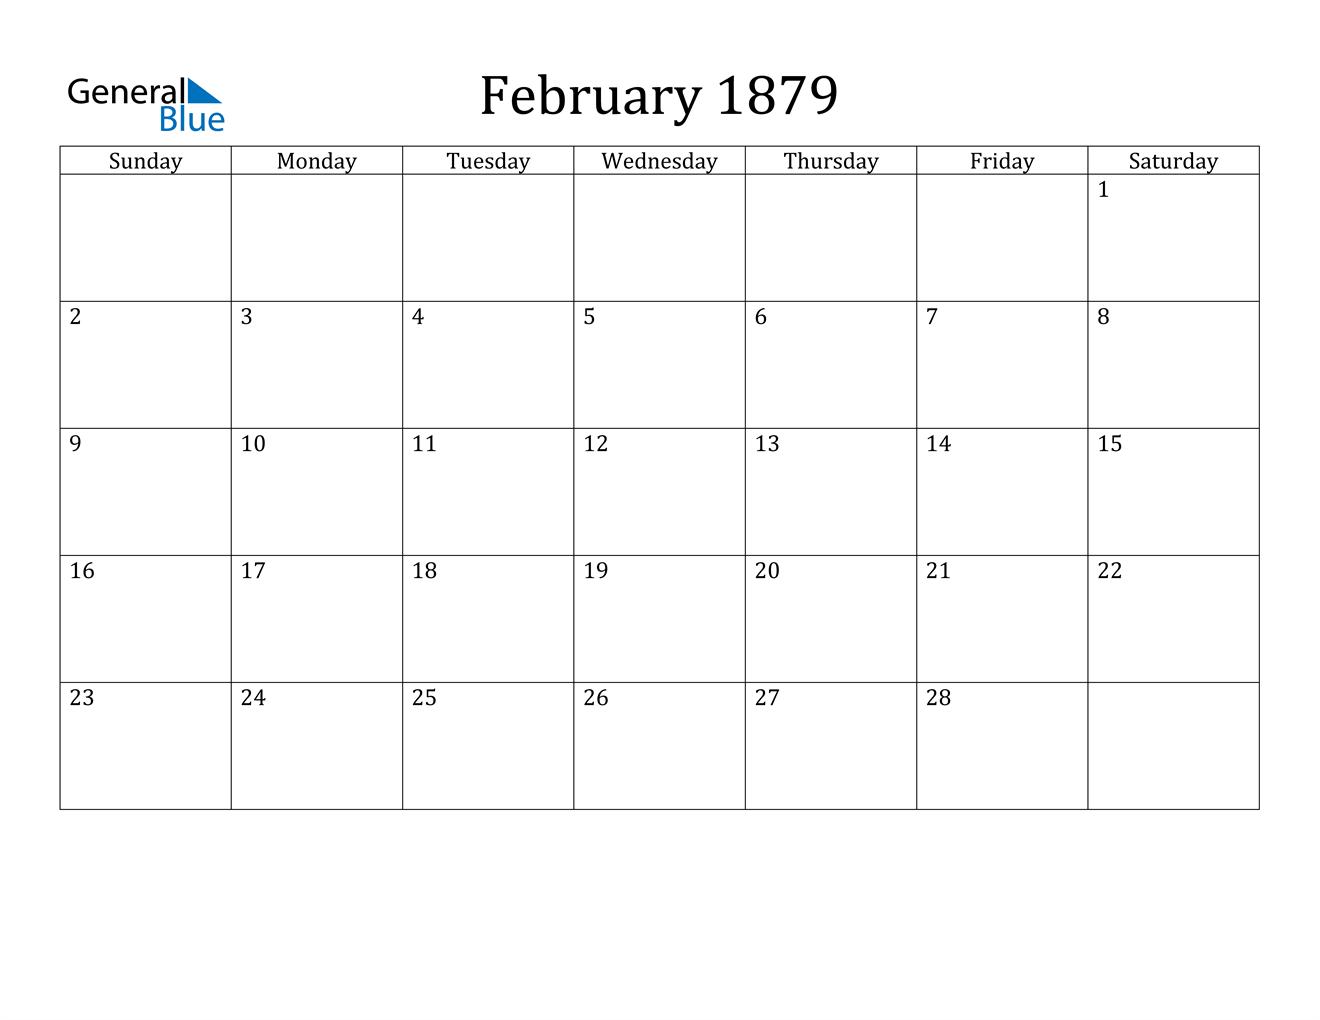 Image of February 1879 Calendar